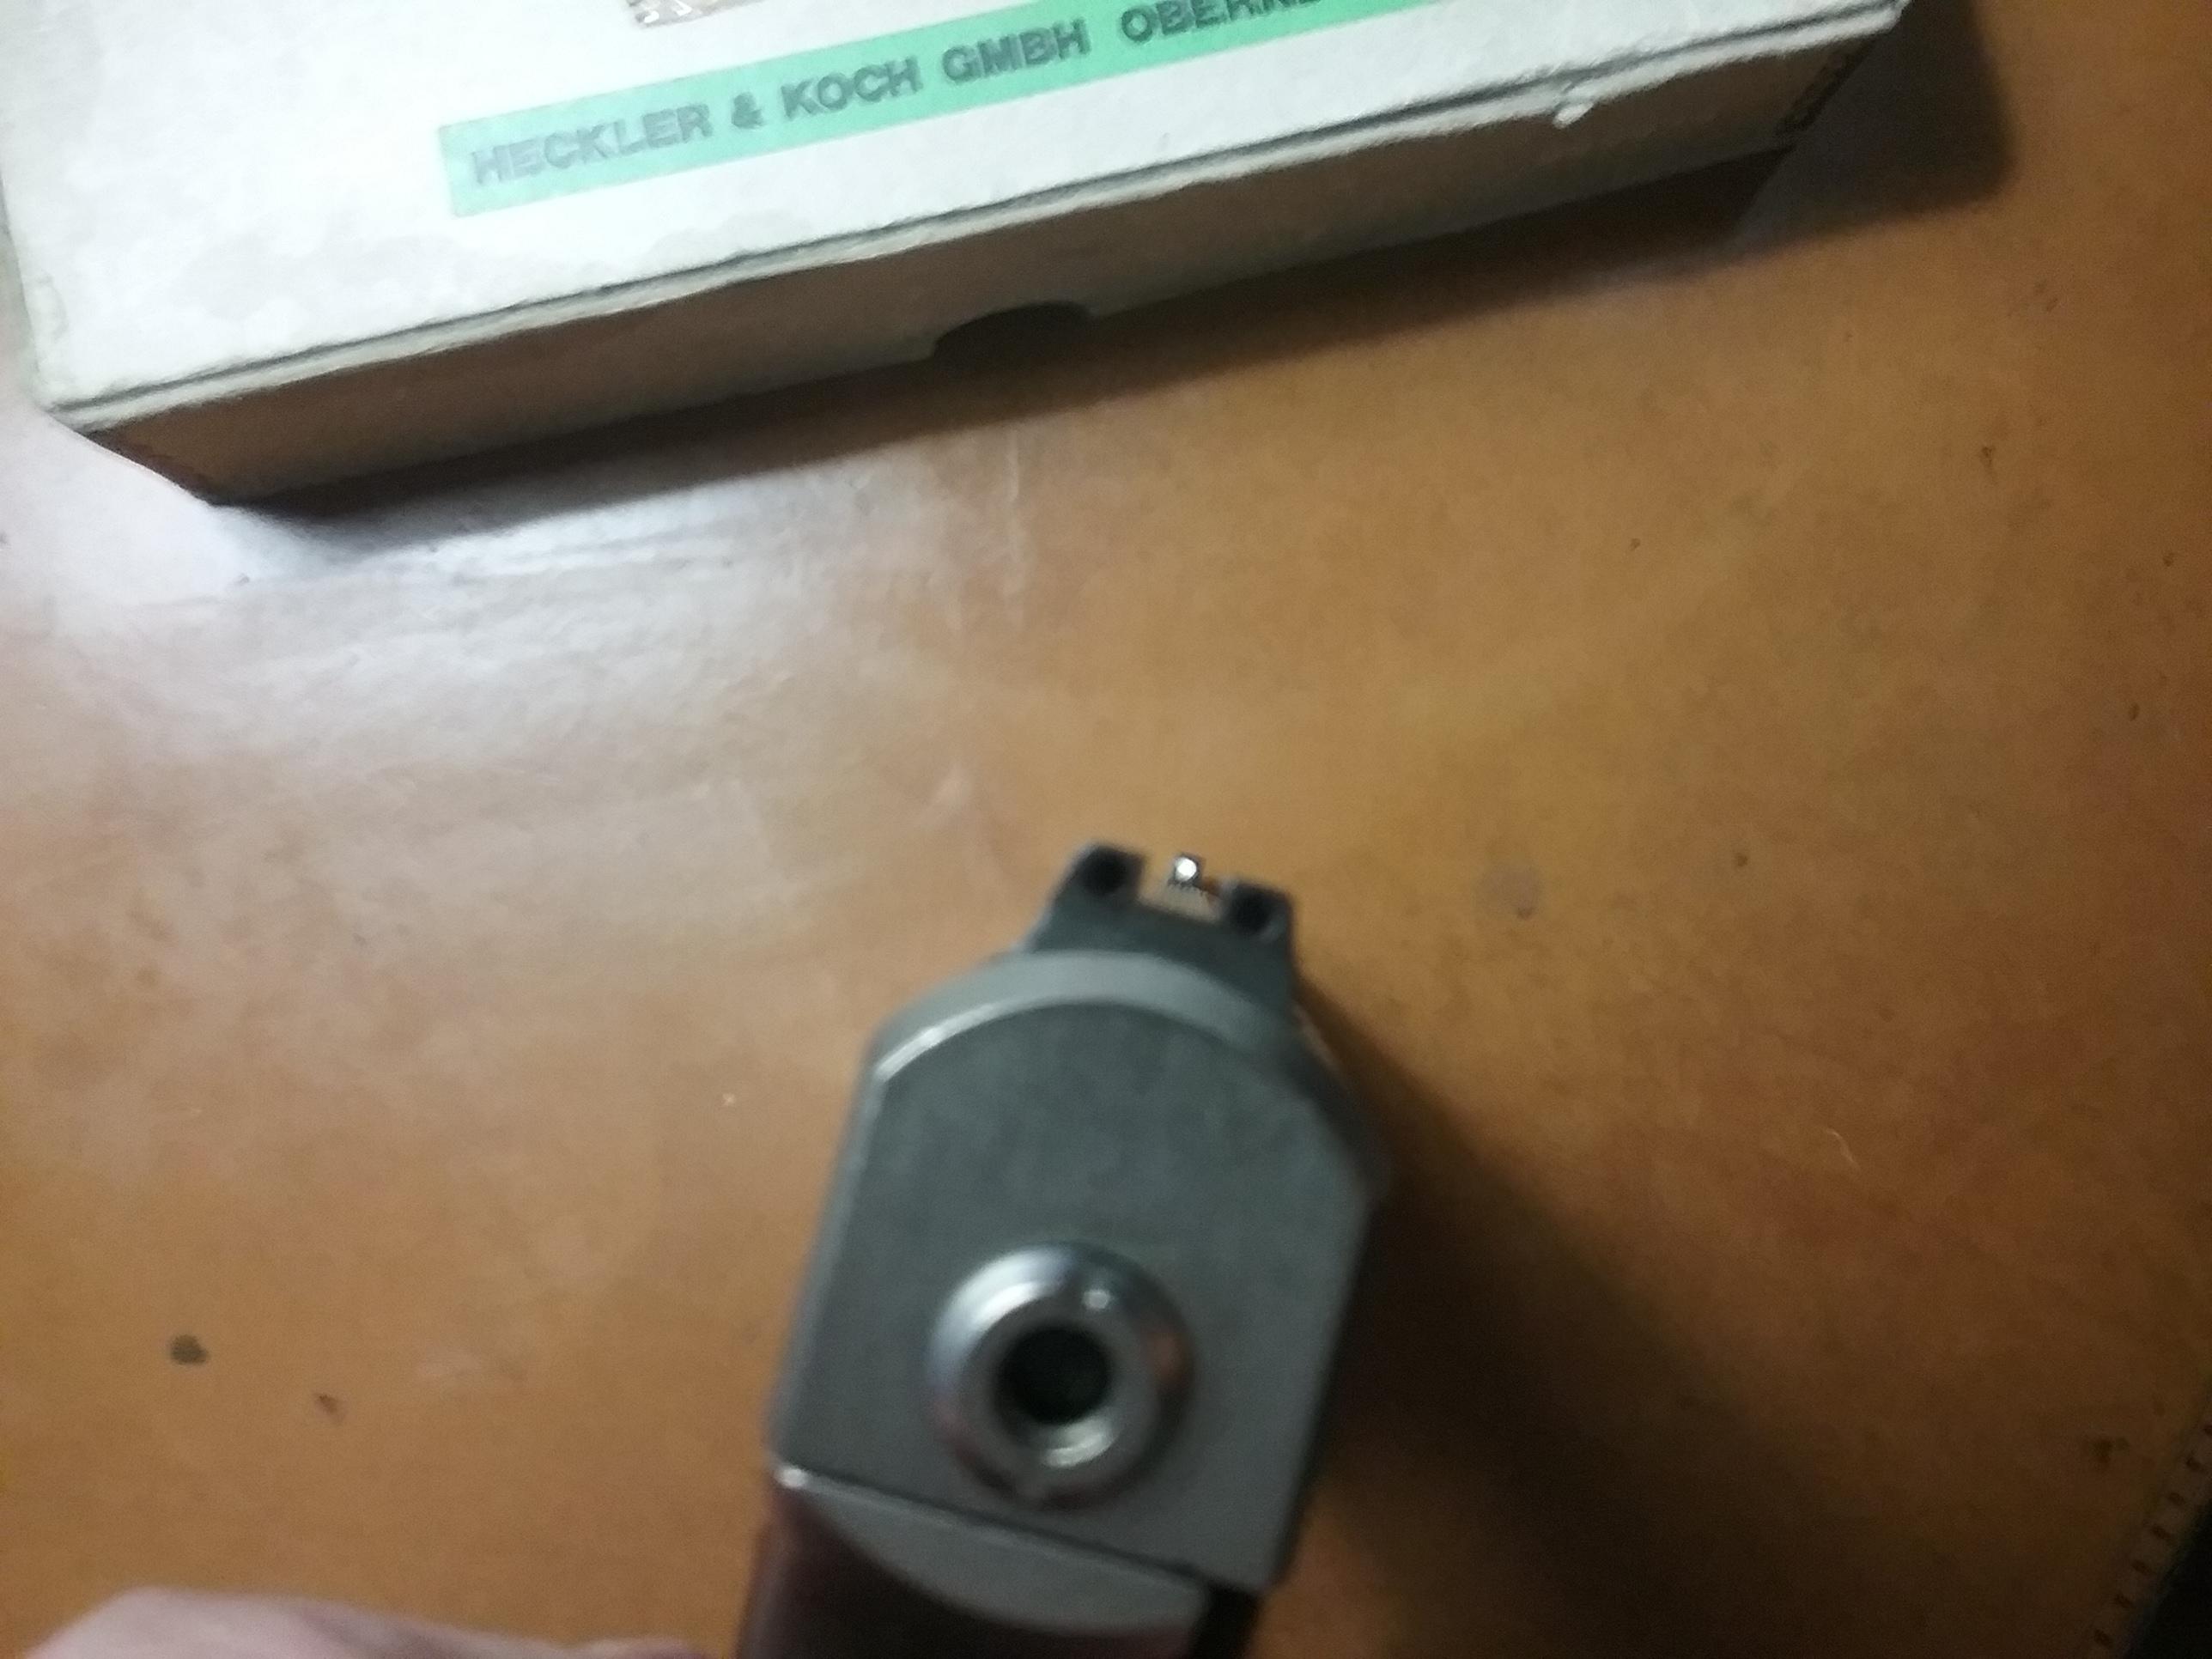 SOLD: P7M10 satin nickel used-20200724_193228-1342-.jpg